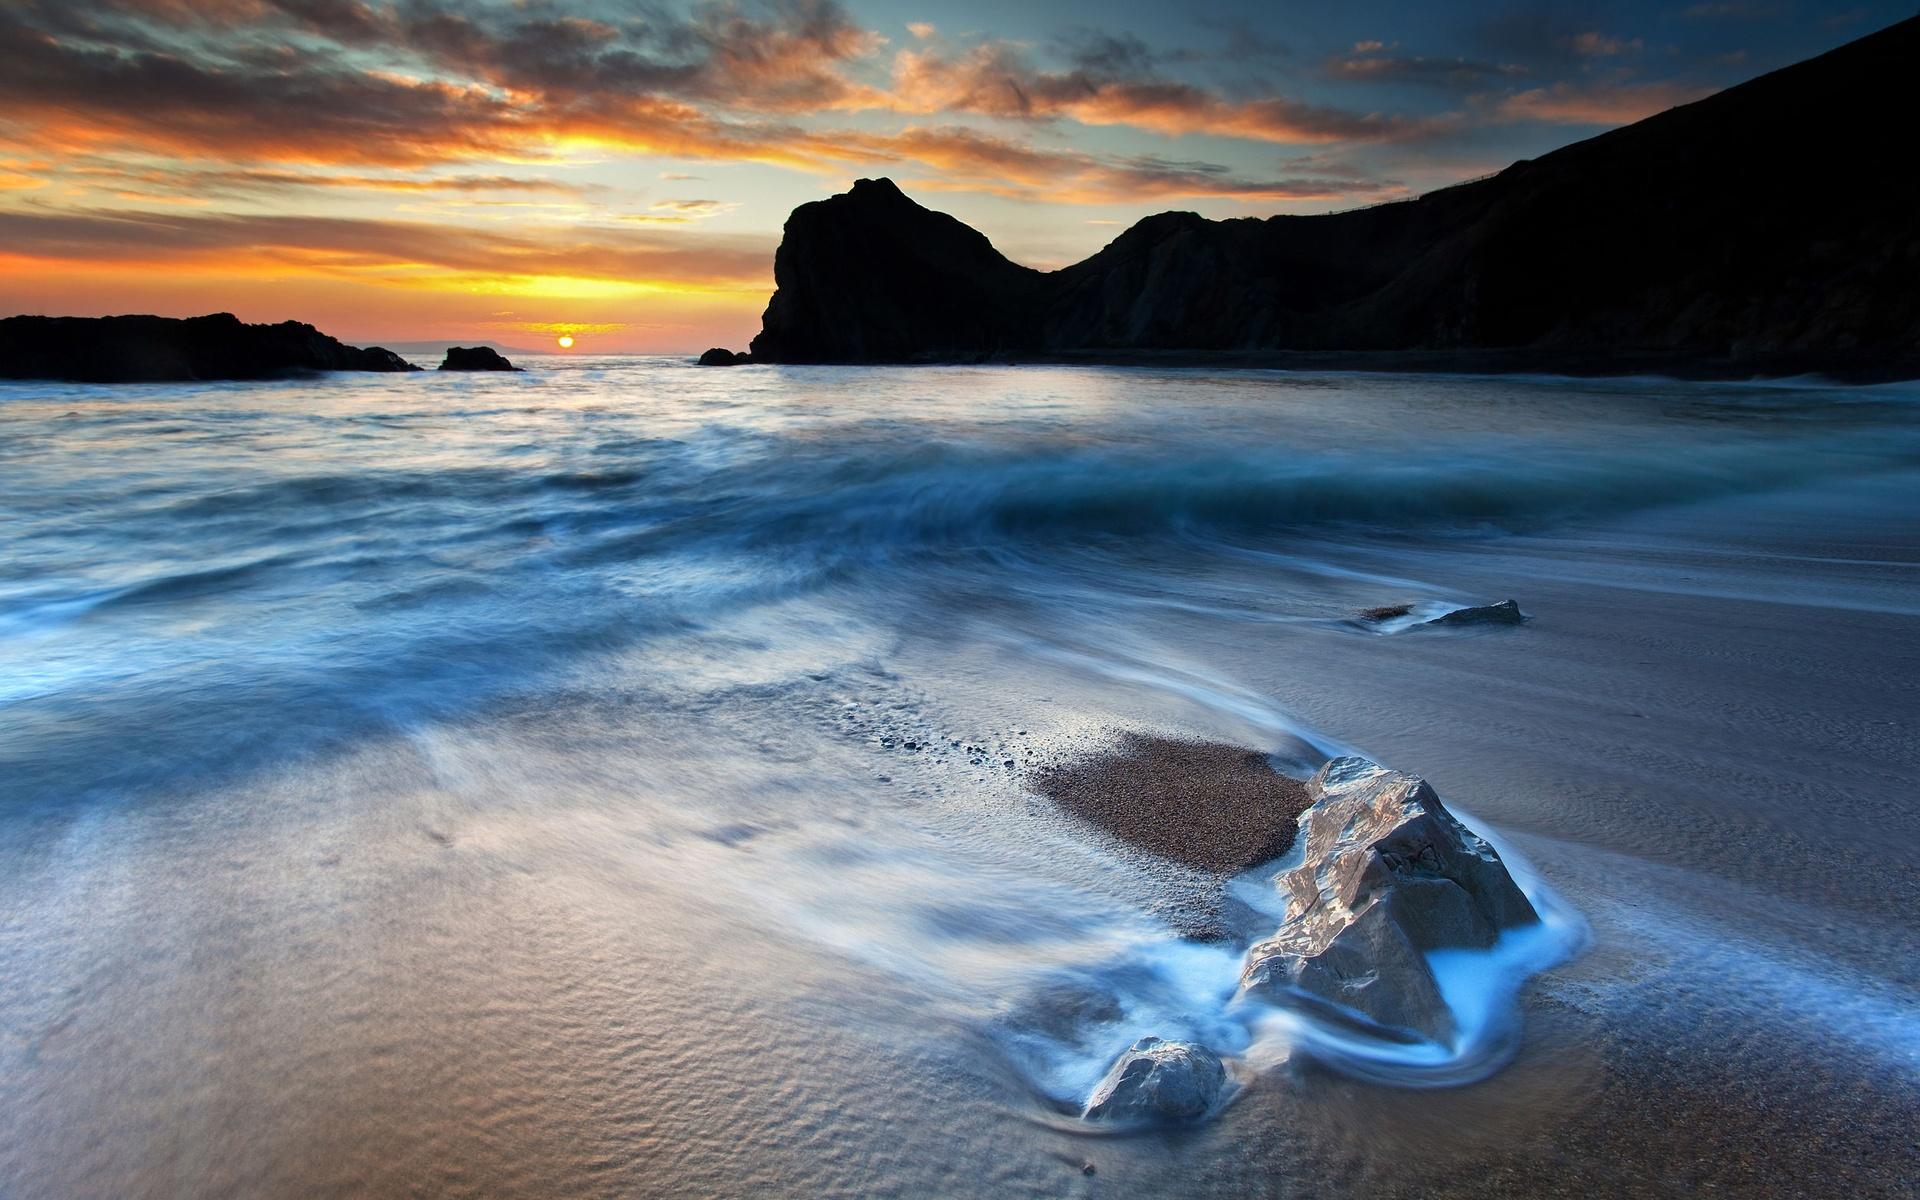 природа камни песок вода море побережье скачать